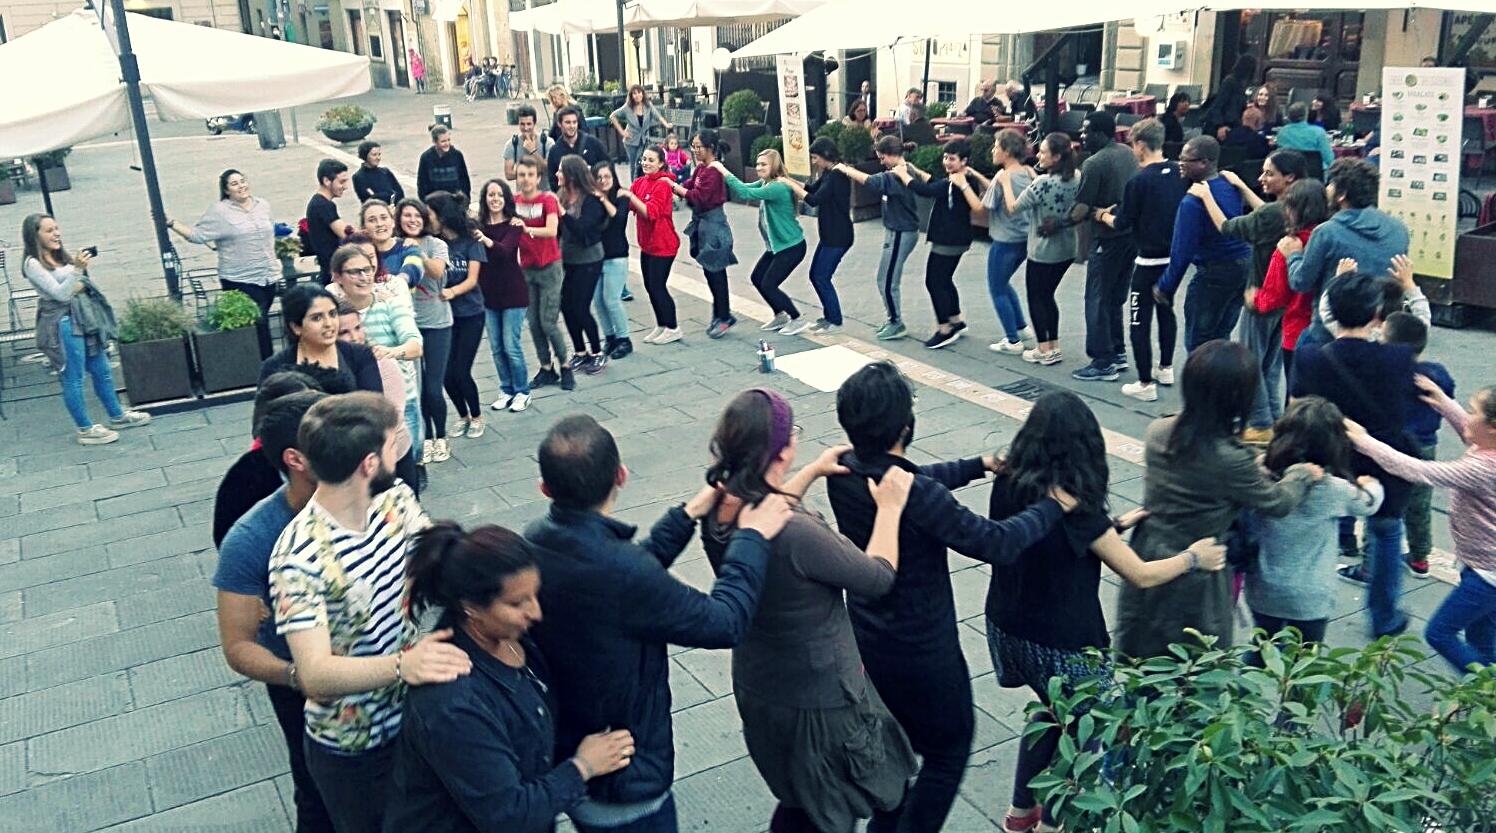 Go Deep! L'innovativo progetto formativo arriva ad Arezzo grazie a Rondine